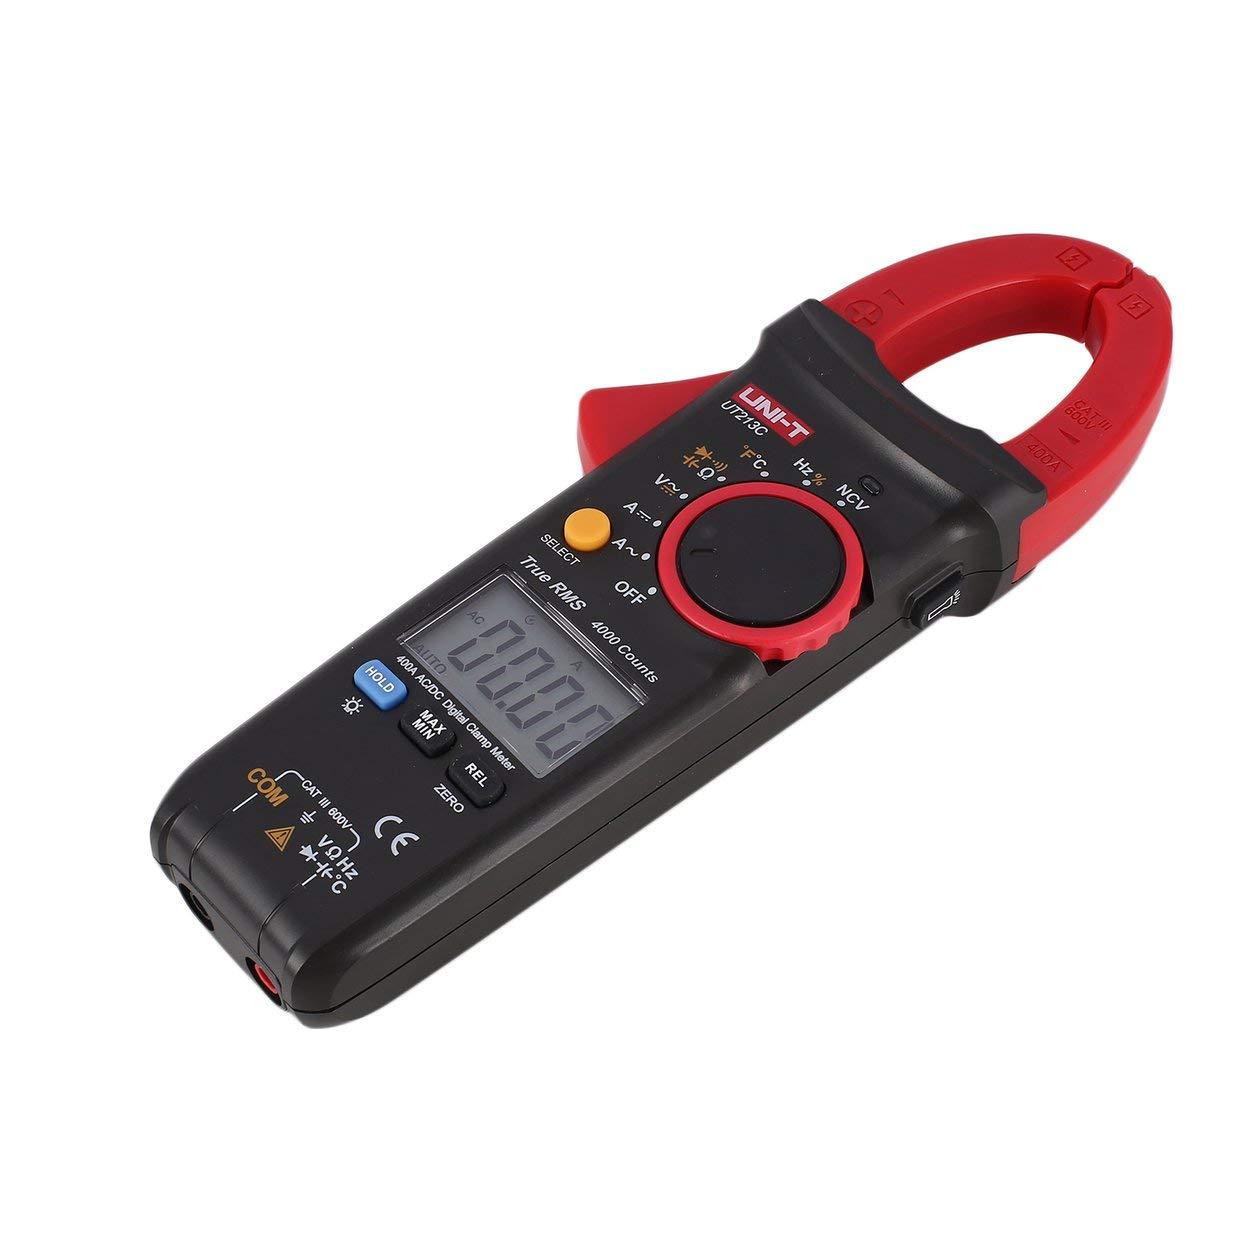 NI-T UT213C 400A - Tensiómetro digital (capacidad de resistencia, multímetro de temperatura, diodo True RMS): Amazon.es: Bricolaje y herramientas